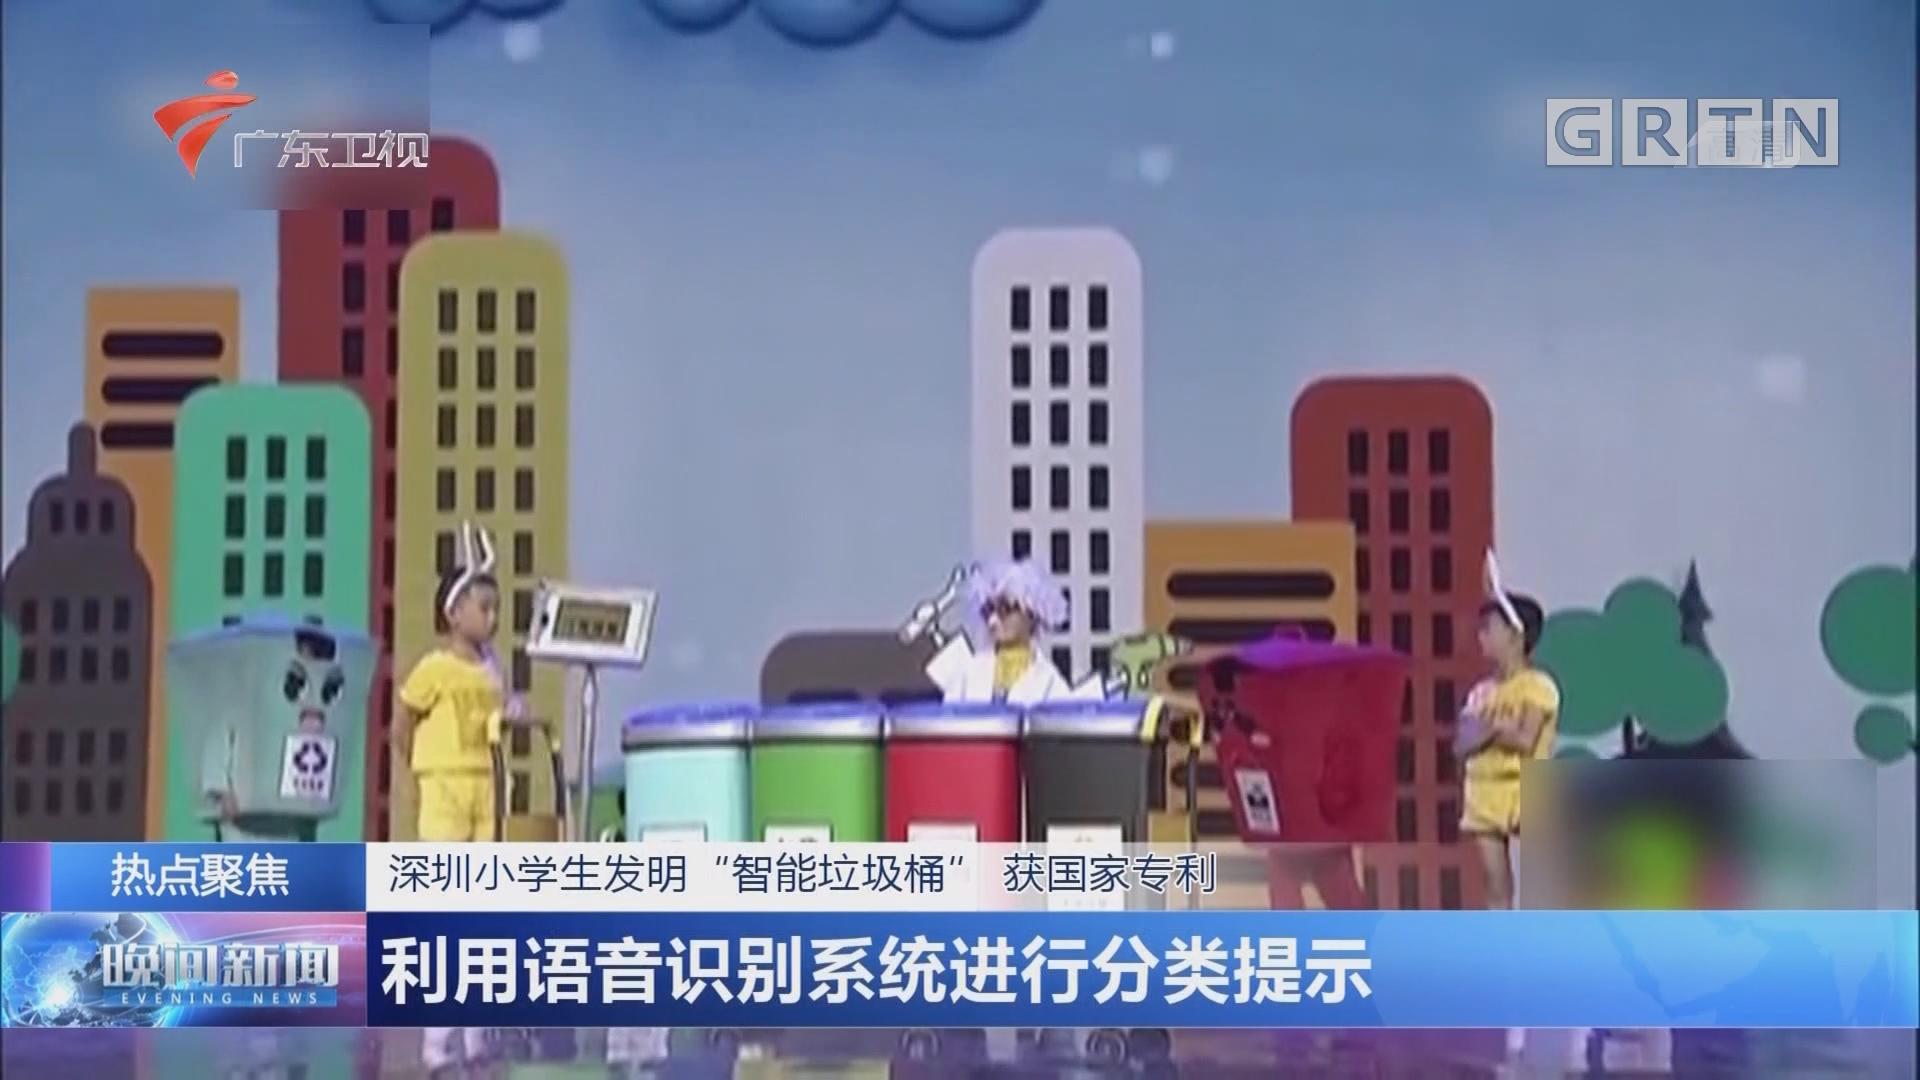 """深圳小学生发明""""智能垃圾桶""""获国家专利 利用语音识别系统进行分类提示"""